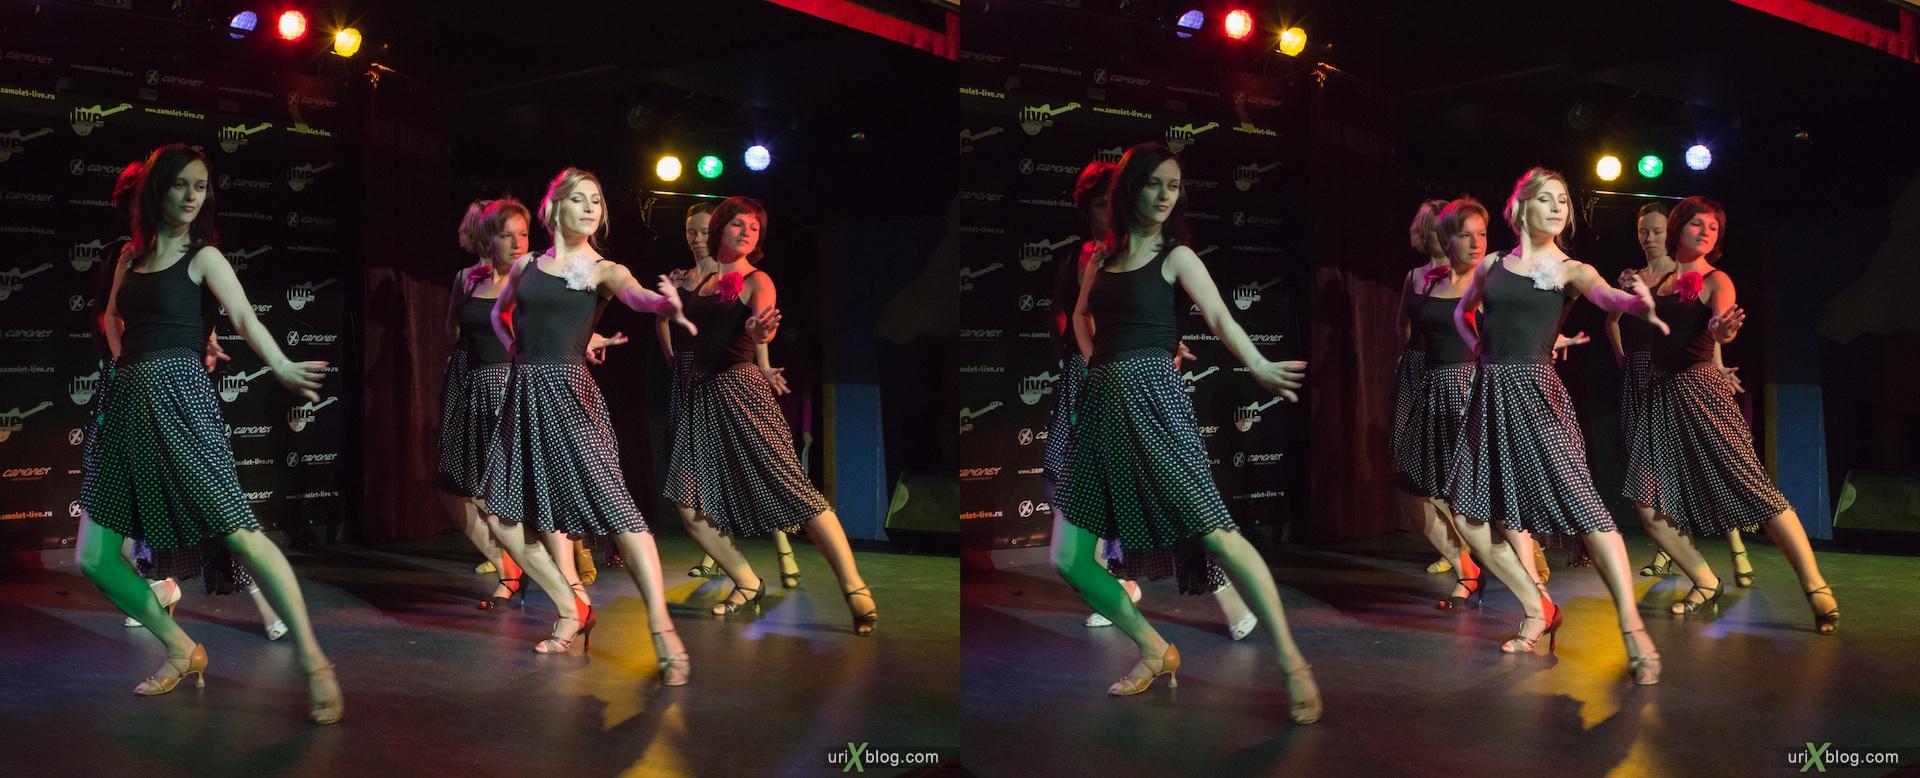 2012, танцы, девушки, Vesta, Веста, клуб Самолёт, Москва, 3D, перекрёстные стереопары, стерео, стереопара, стереопары